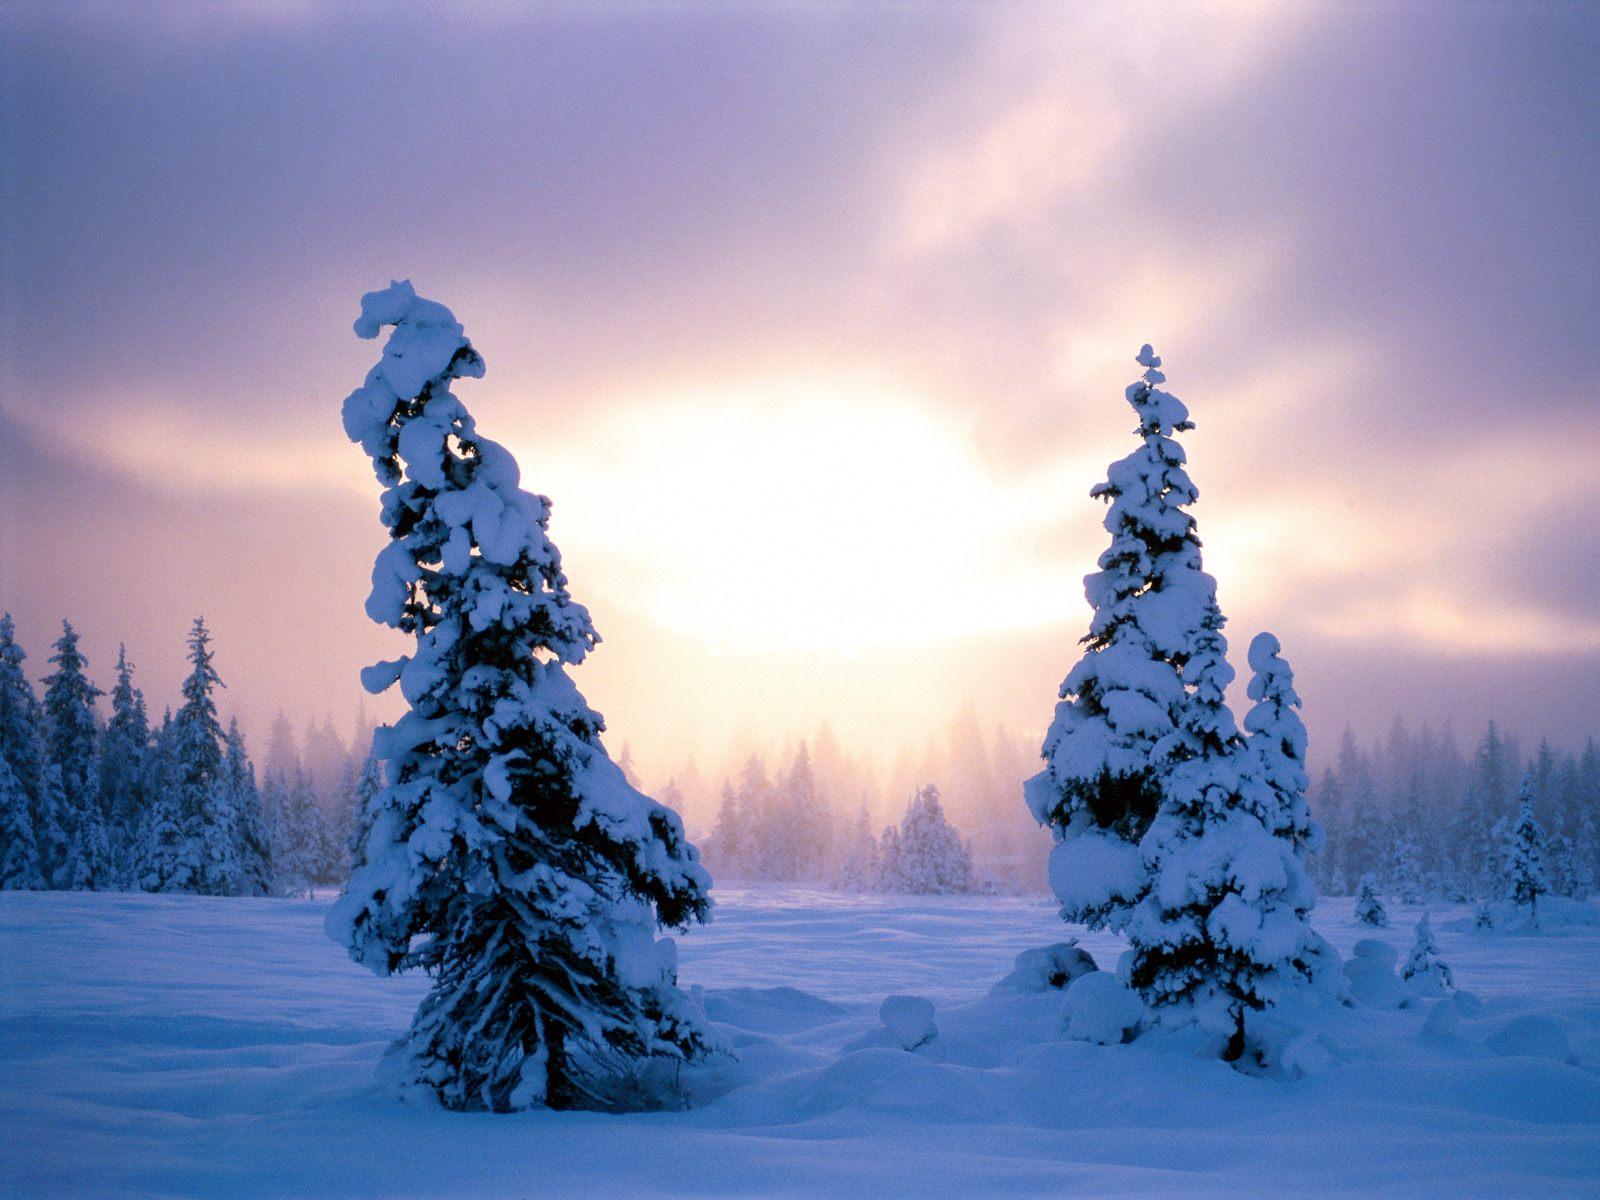 http://1.bp.blogspot.com/-WzgnbSdUhQ8/TcqhNPZLTwI/AAAAAAAACdc/fDHdbjVeGKY/s1600/winter+scenes+1+%252816%2529.jpg